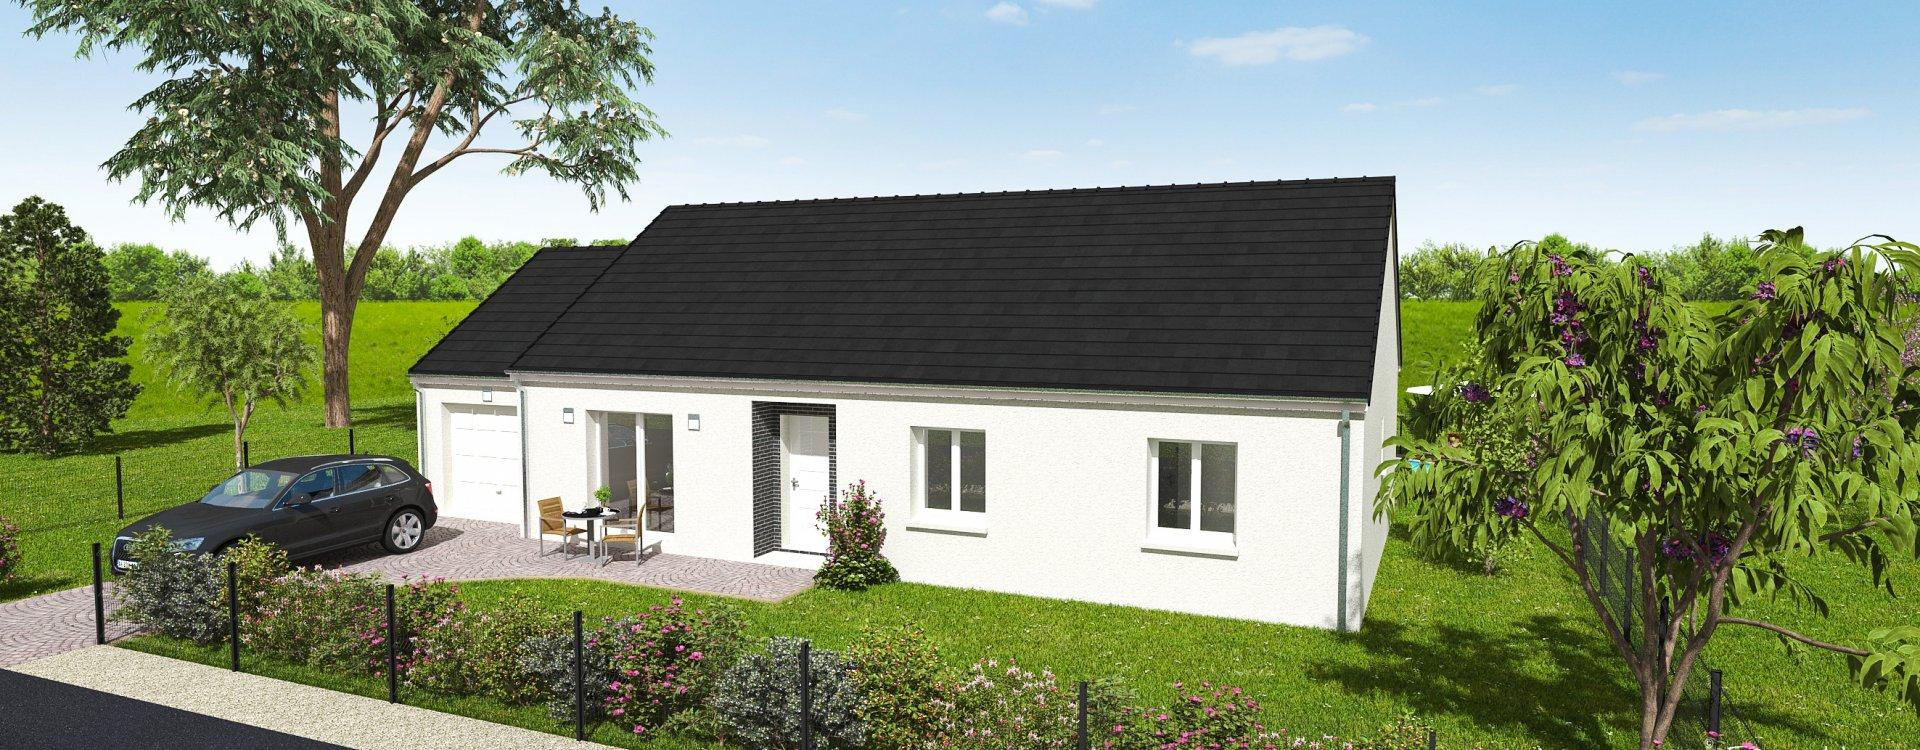 Maisons + Terrains du constructeur EASY HOUSE FRANCE • 102 m² • MARCILLY EN VILLETTE